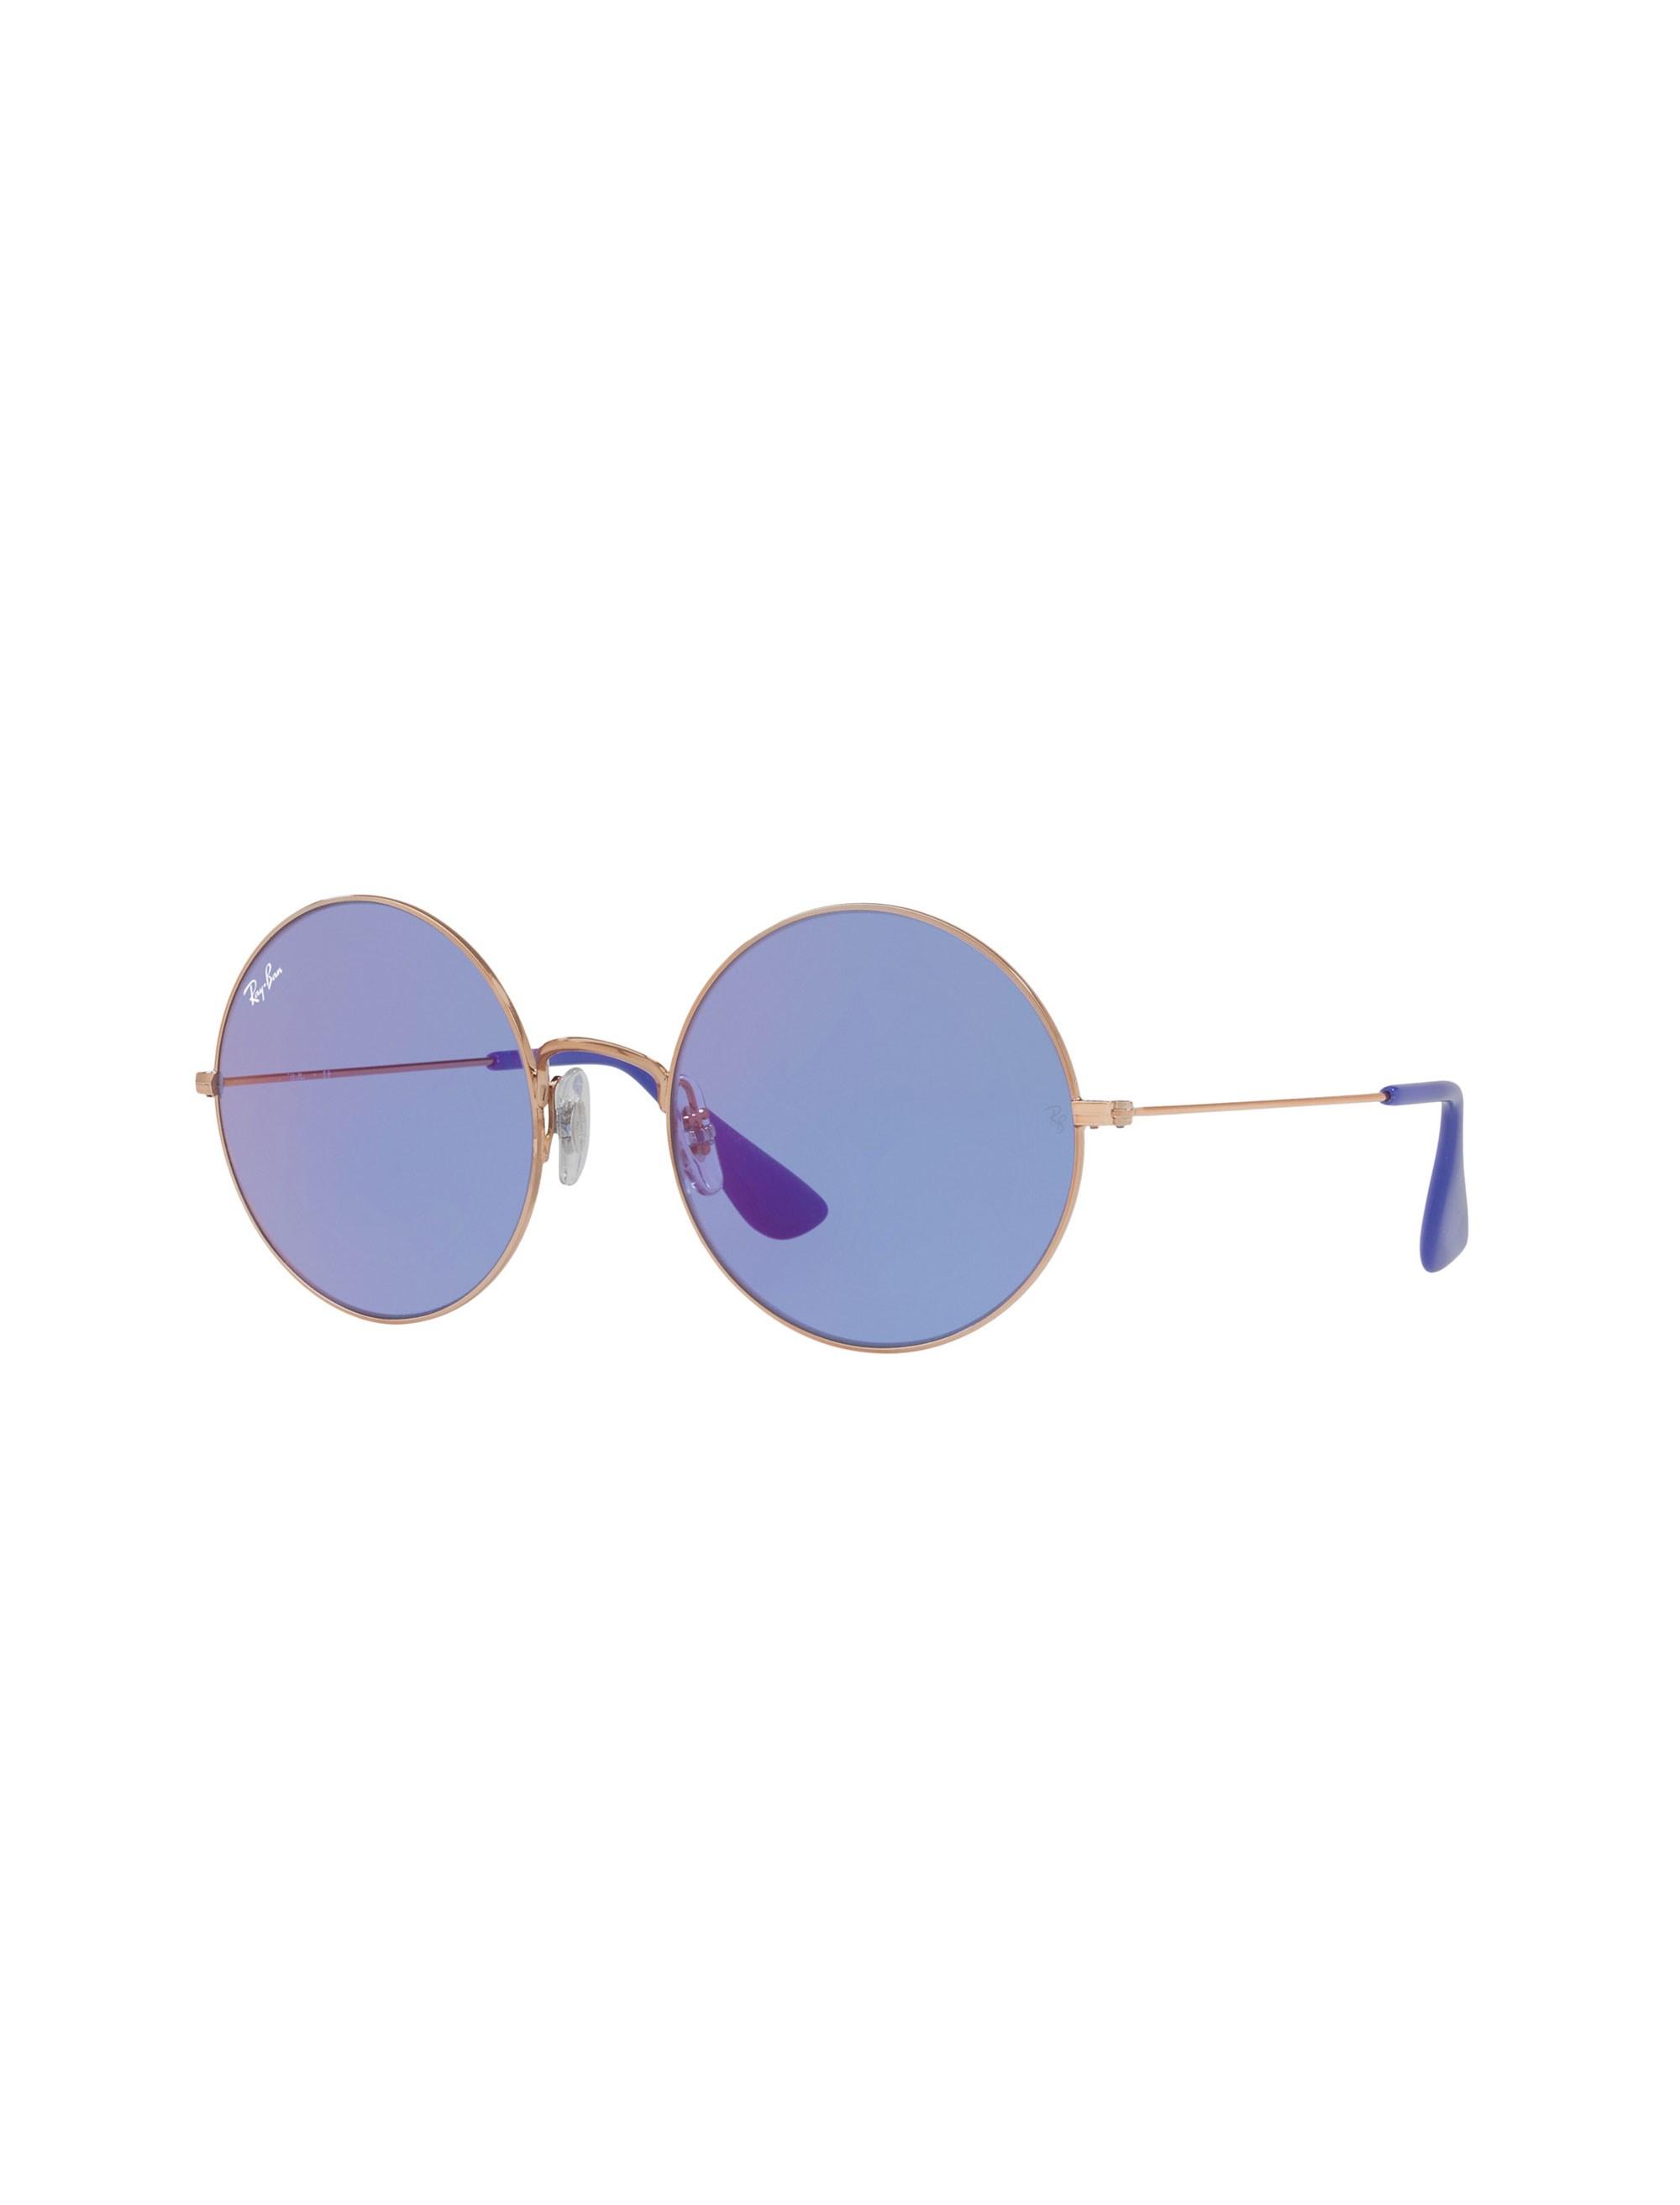 عینک آفتابی گرد زنانه - ری بن - مسي - 2